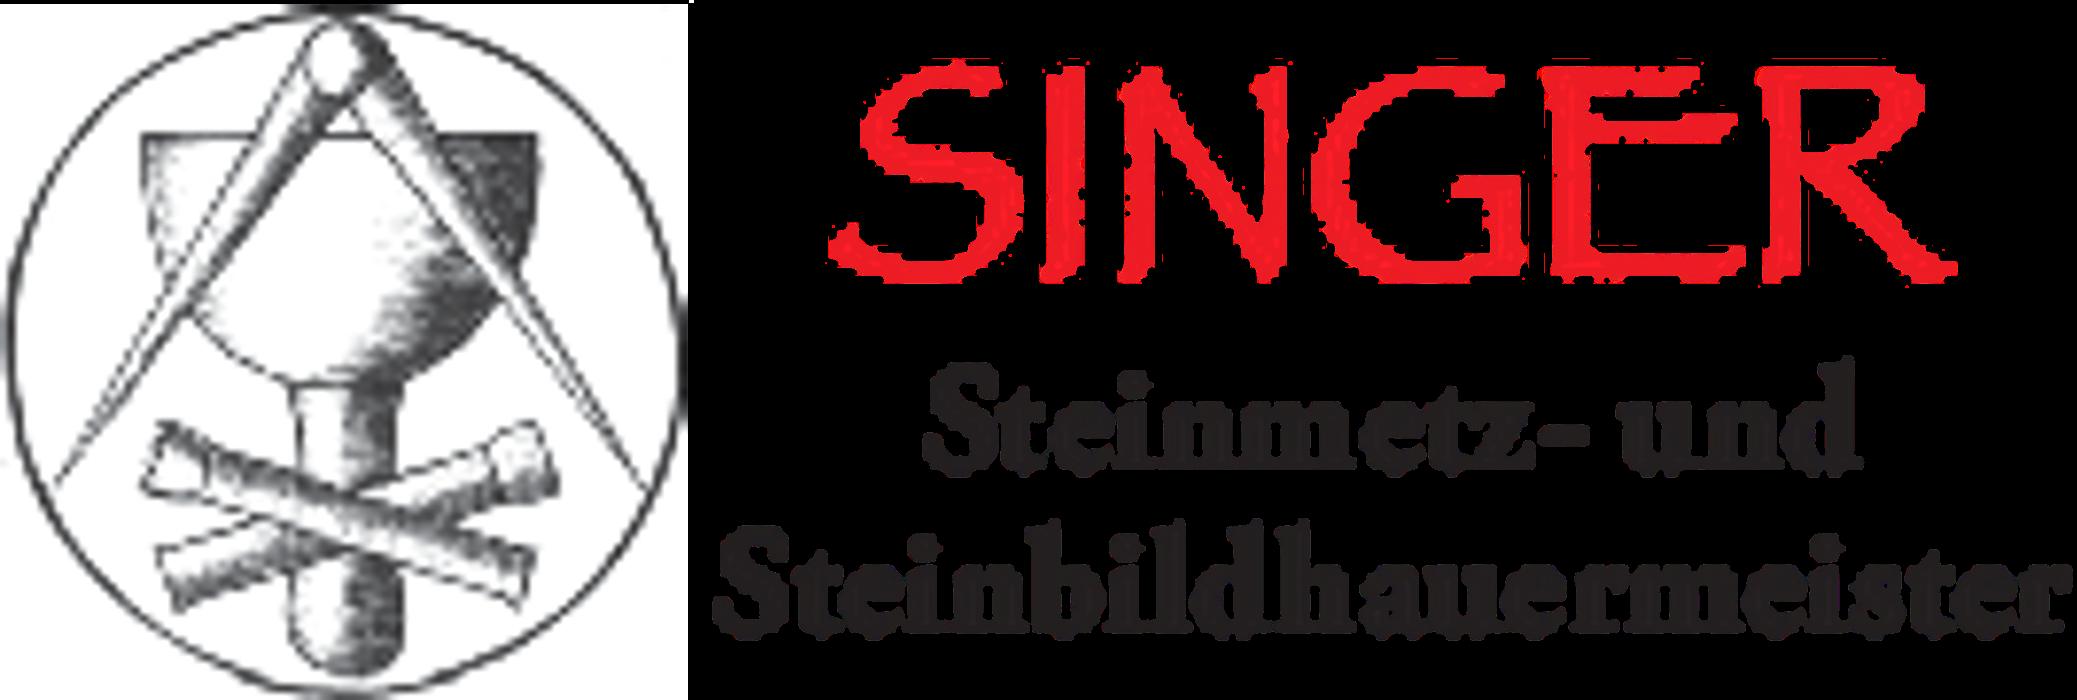 Bild zu Singer Markus Steinmetzmeister in Memmingen